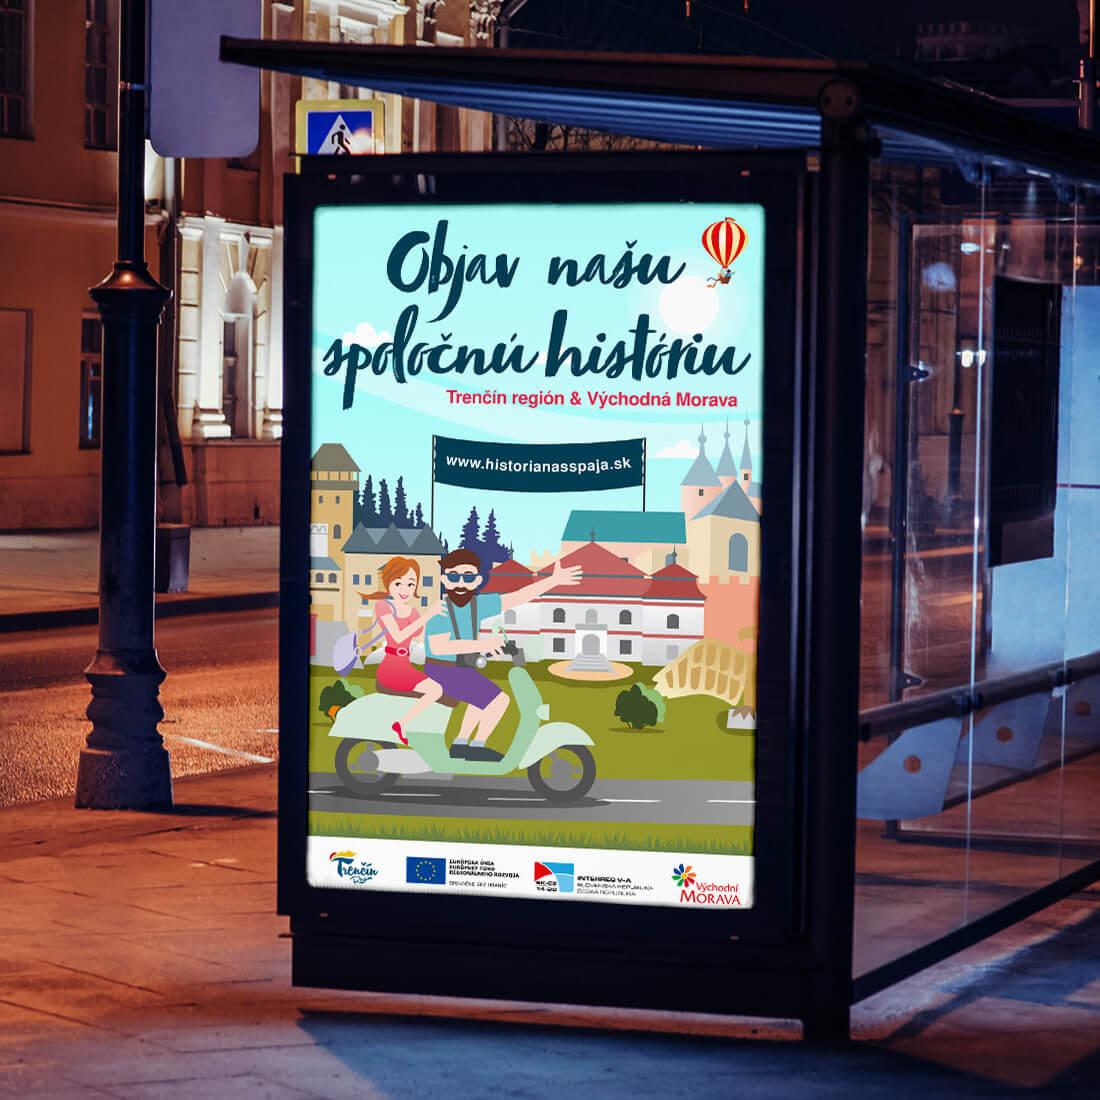 Celoslovenská reklamná kampaň pre Trenčín Región